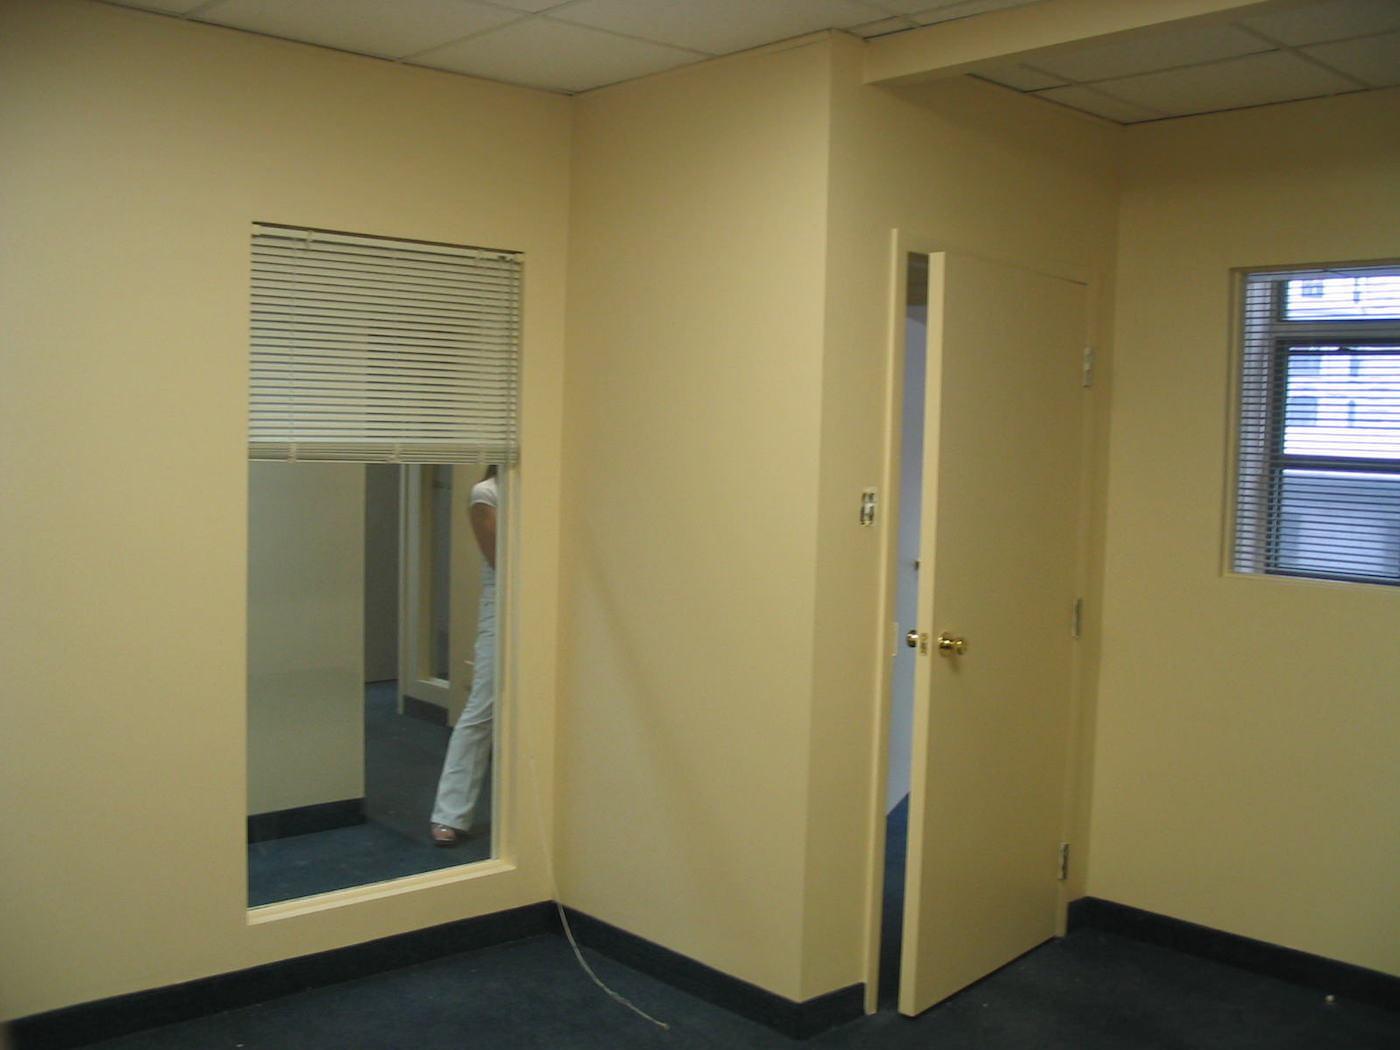 2003-09-19-Re-novations-Avant-Locaux-Studio-Vieux-Montre-al---03